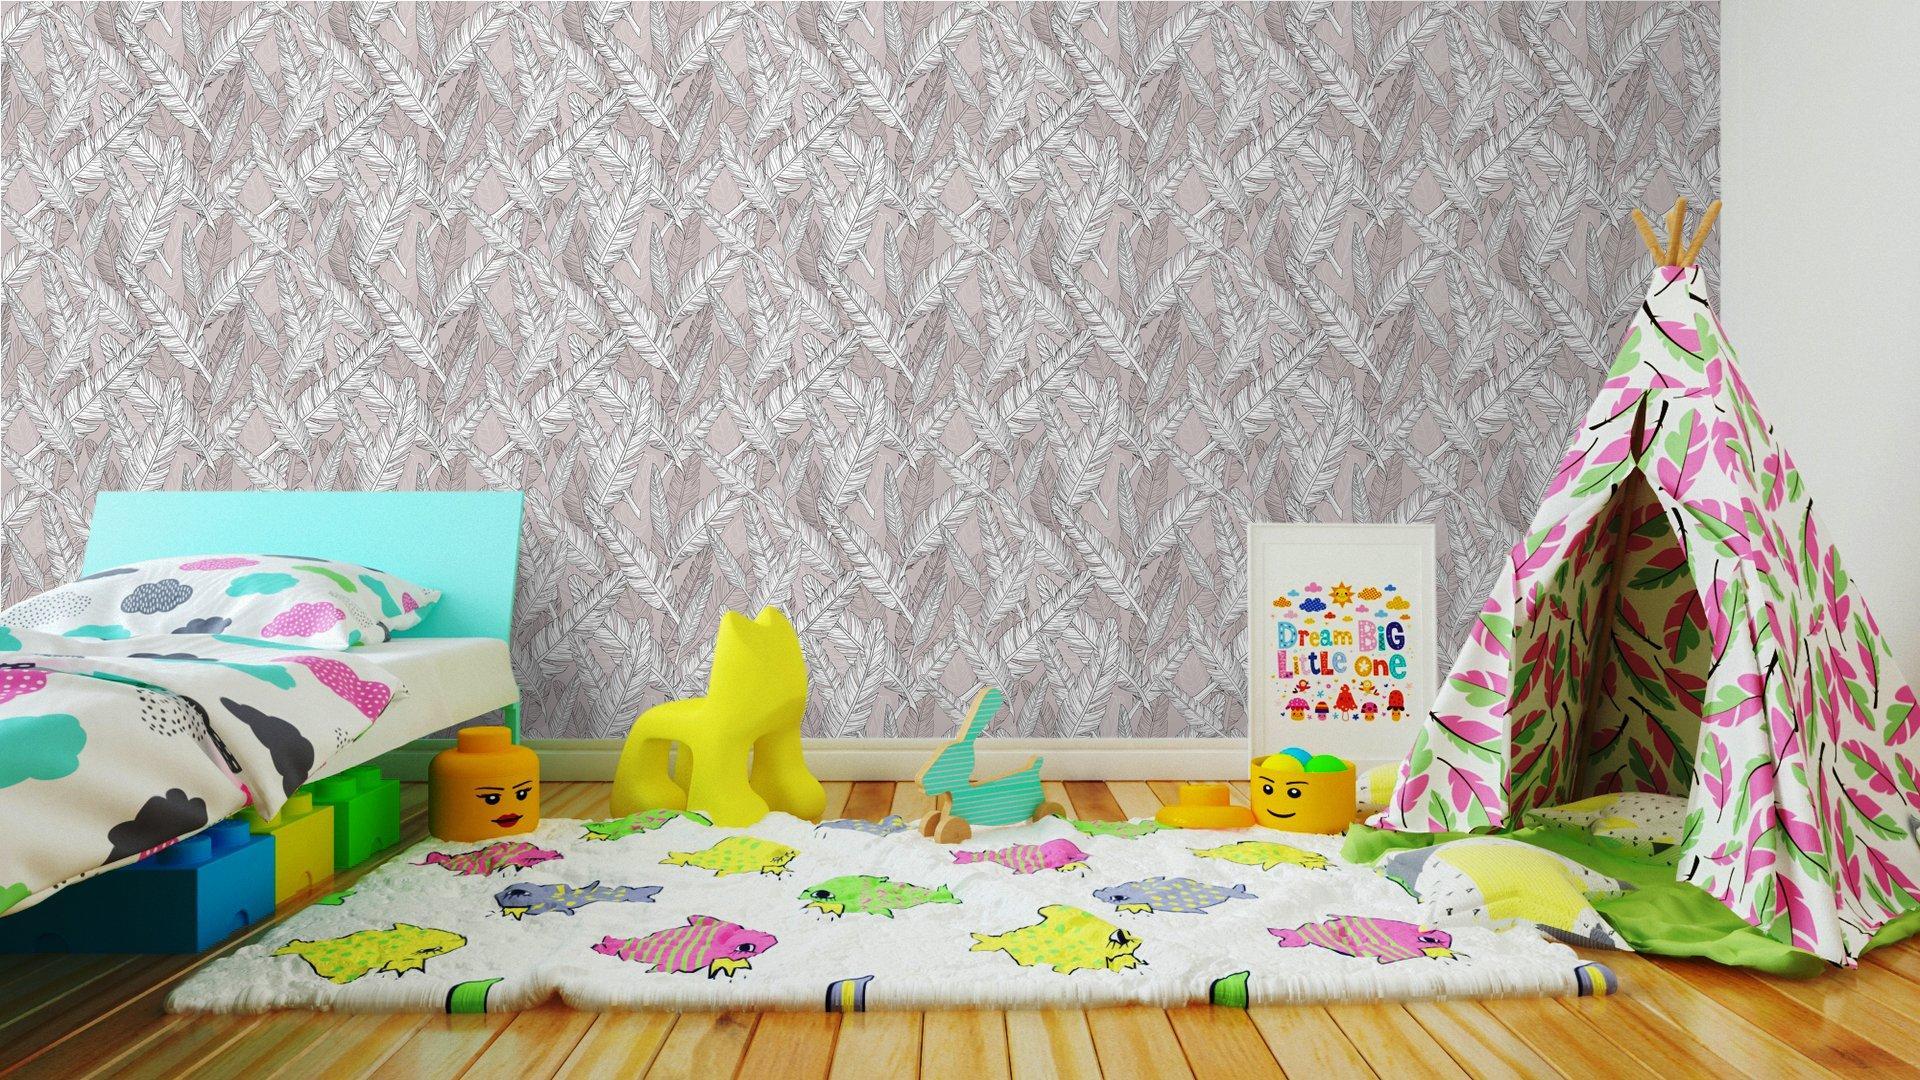 Fotomurales mexico papeles pintados patron de plumas abstract patron sin fisuras 7 - Papel Tapiz Abstracto con Patrón de Plumas 01